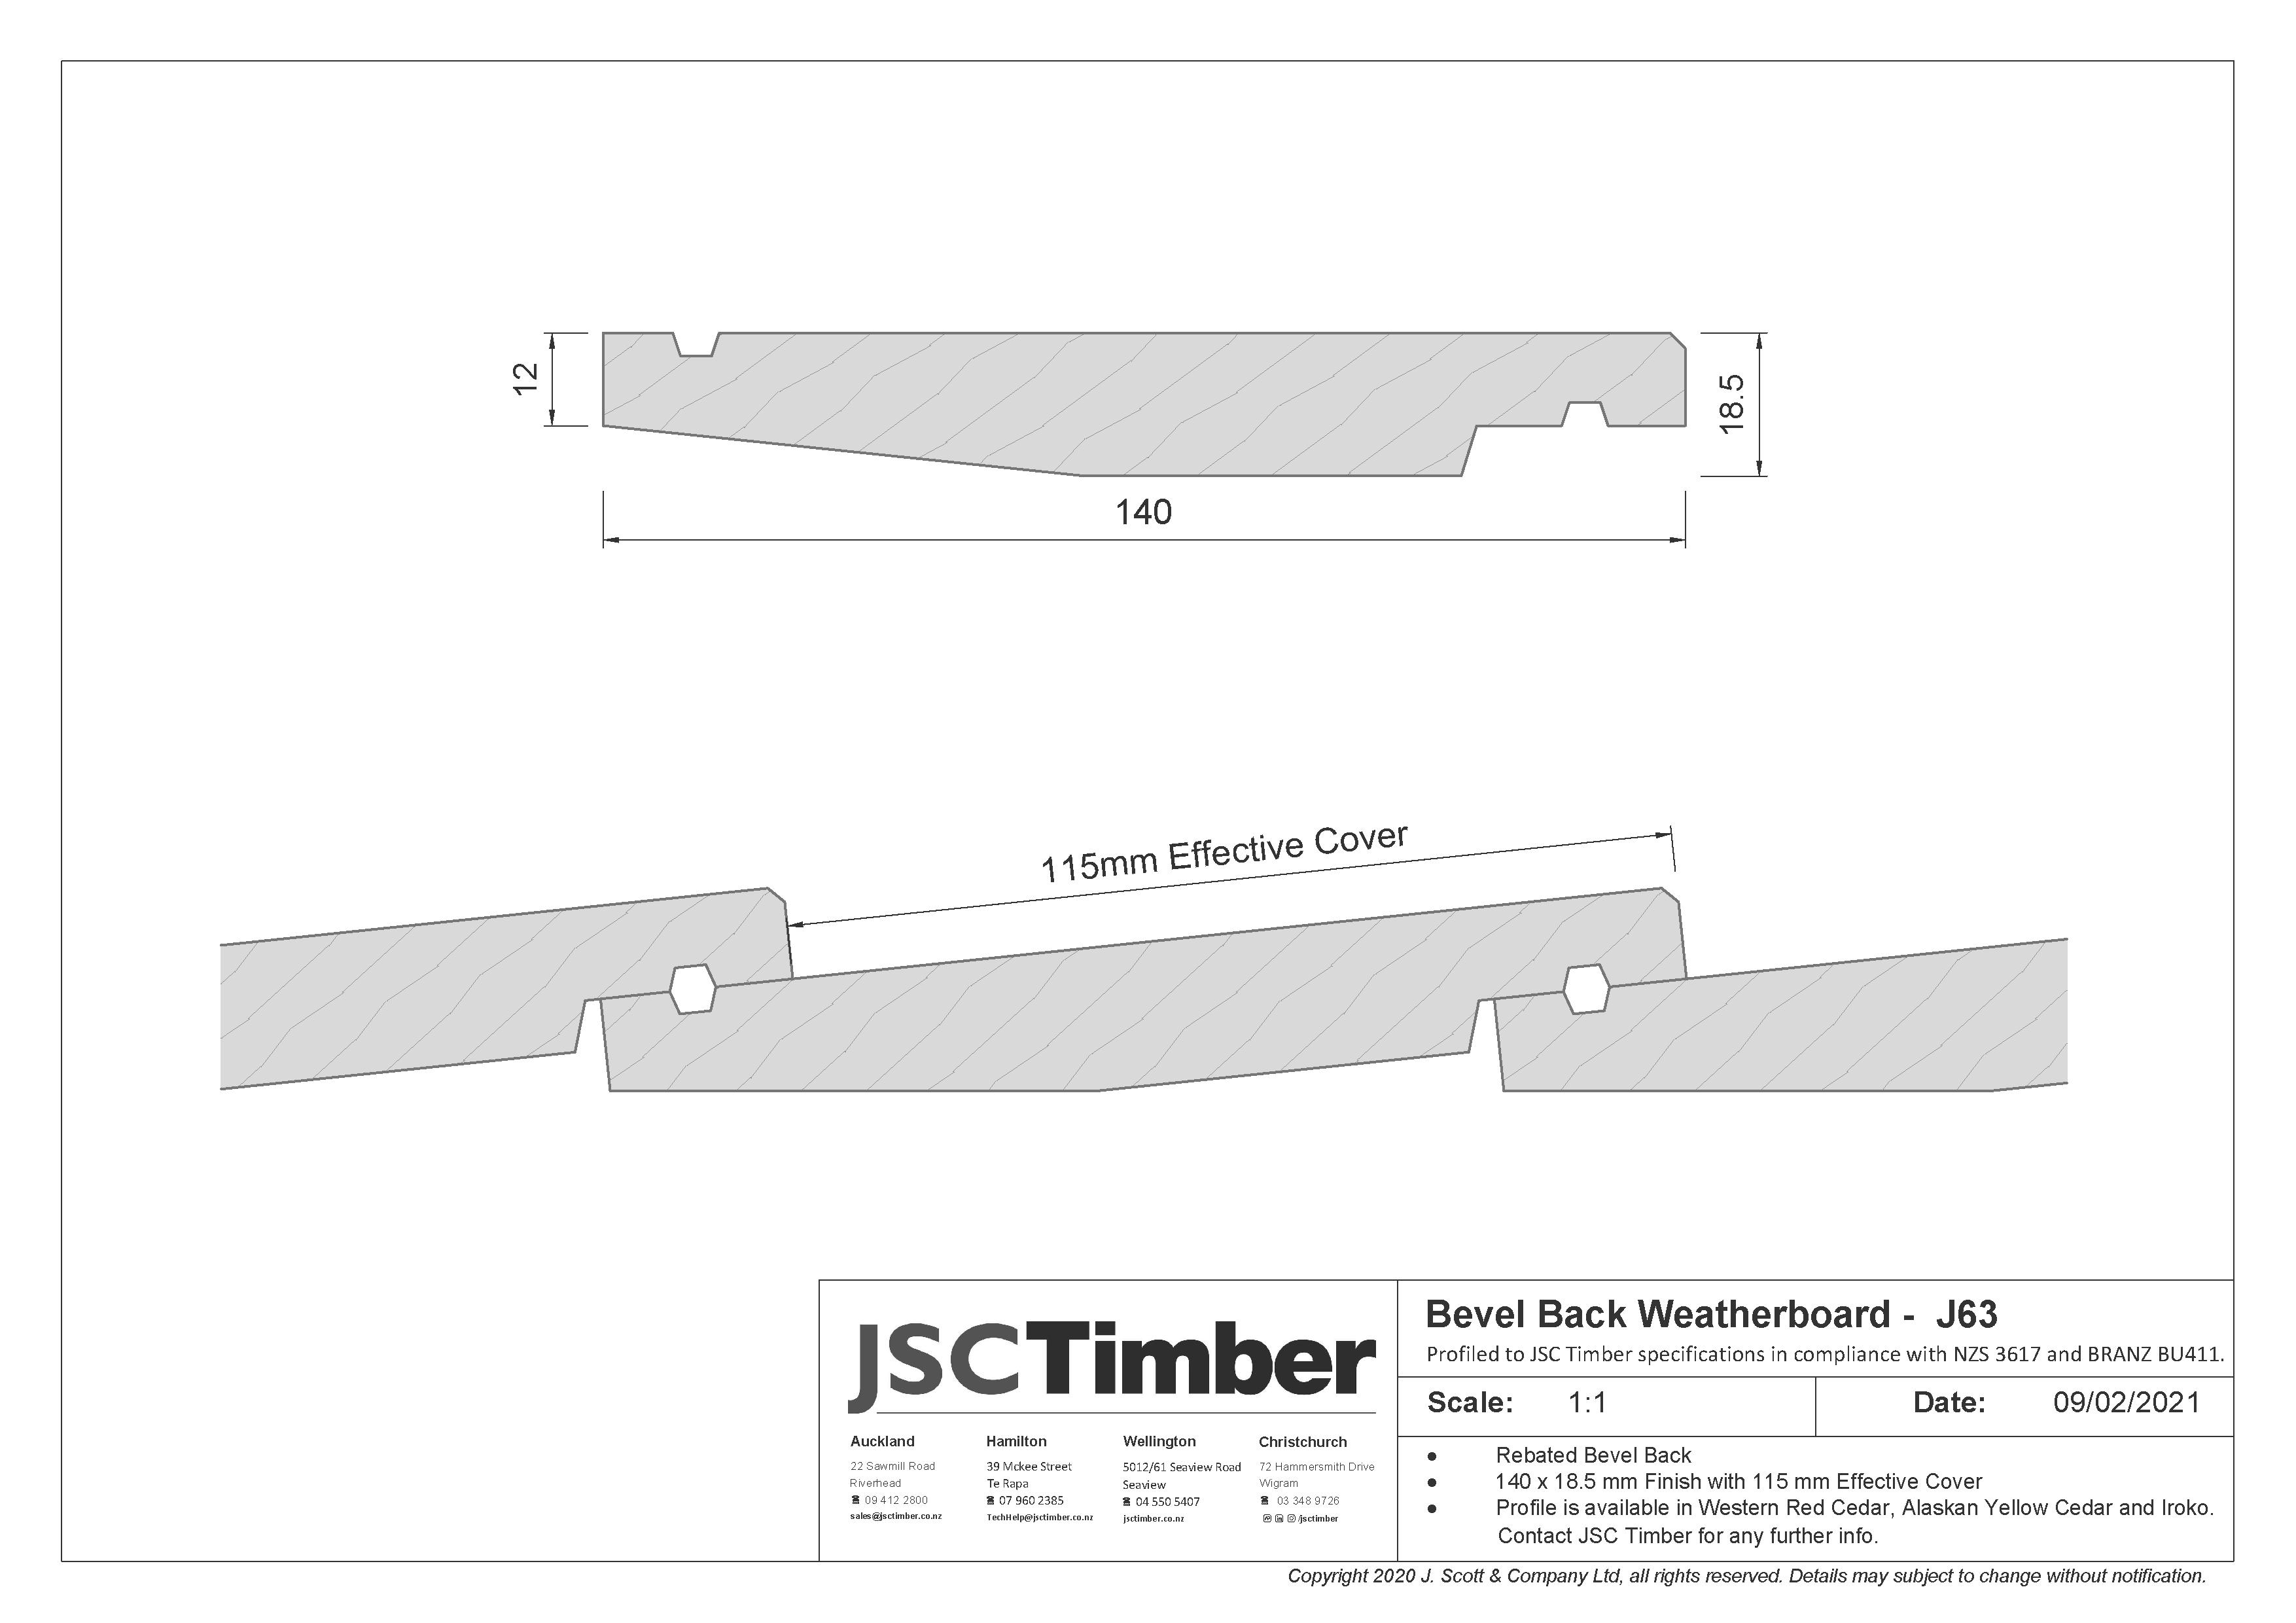 J63 Bevel Back Weatherboard